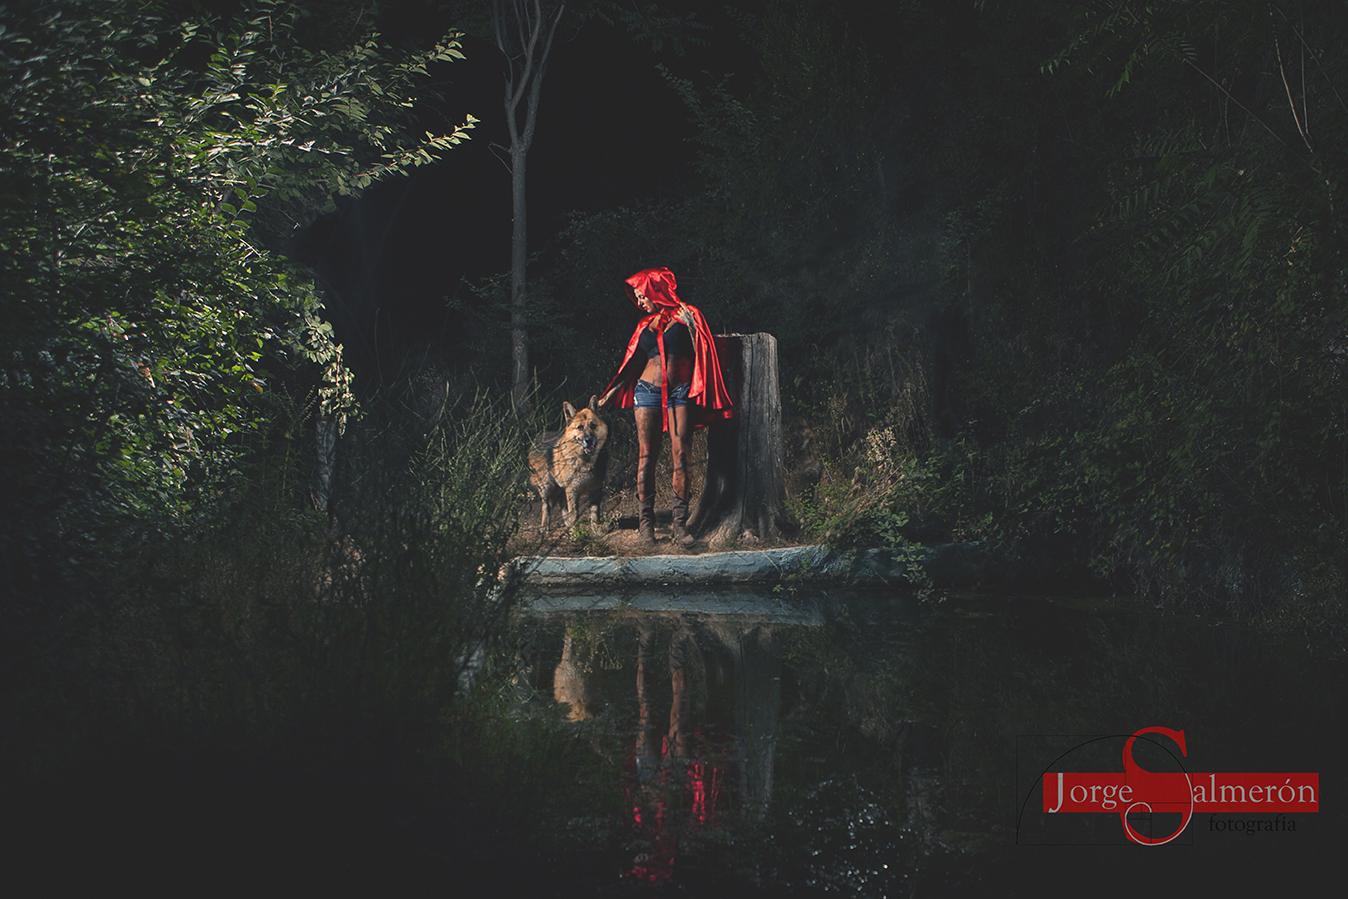 Fotografía reflejo en el agua